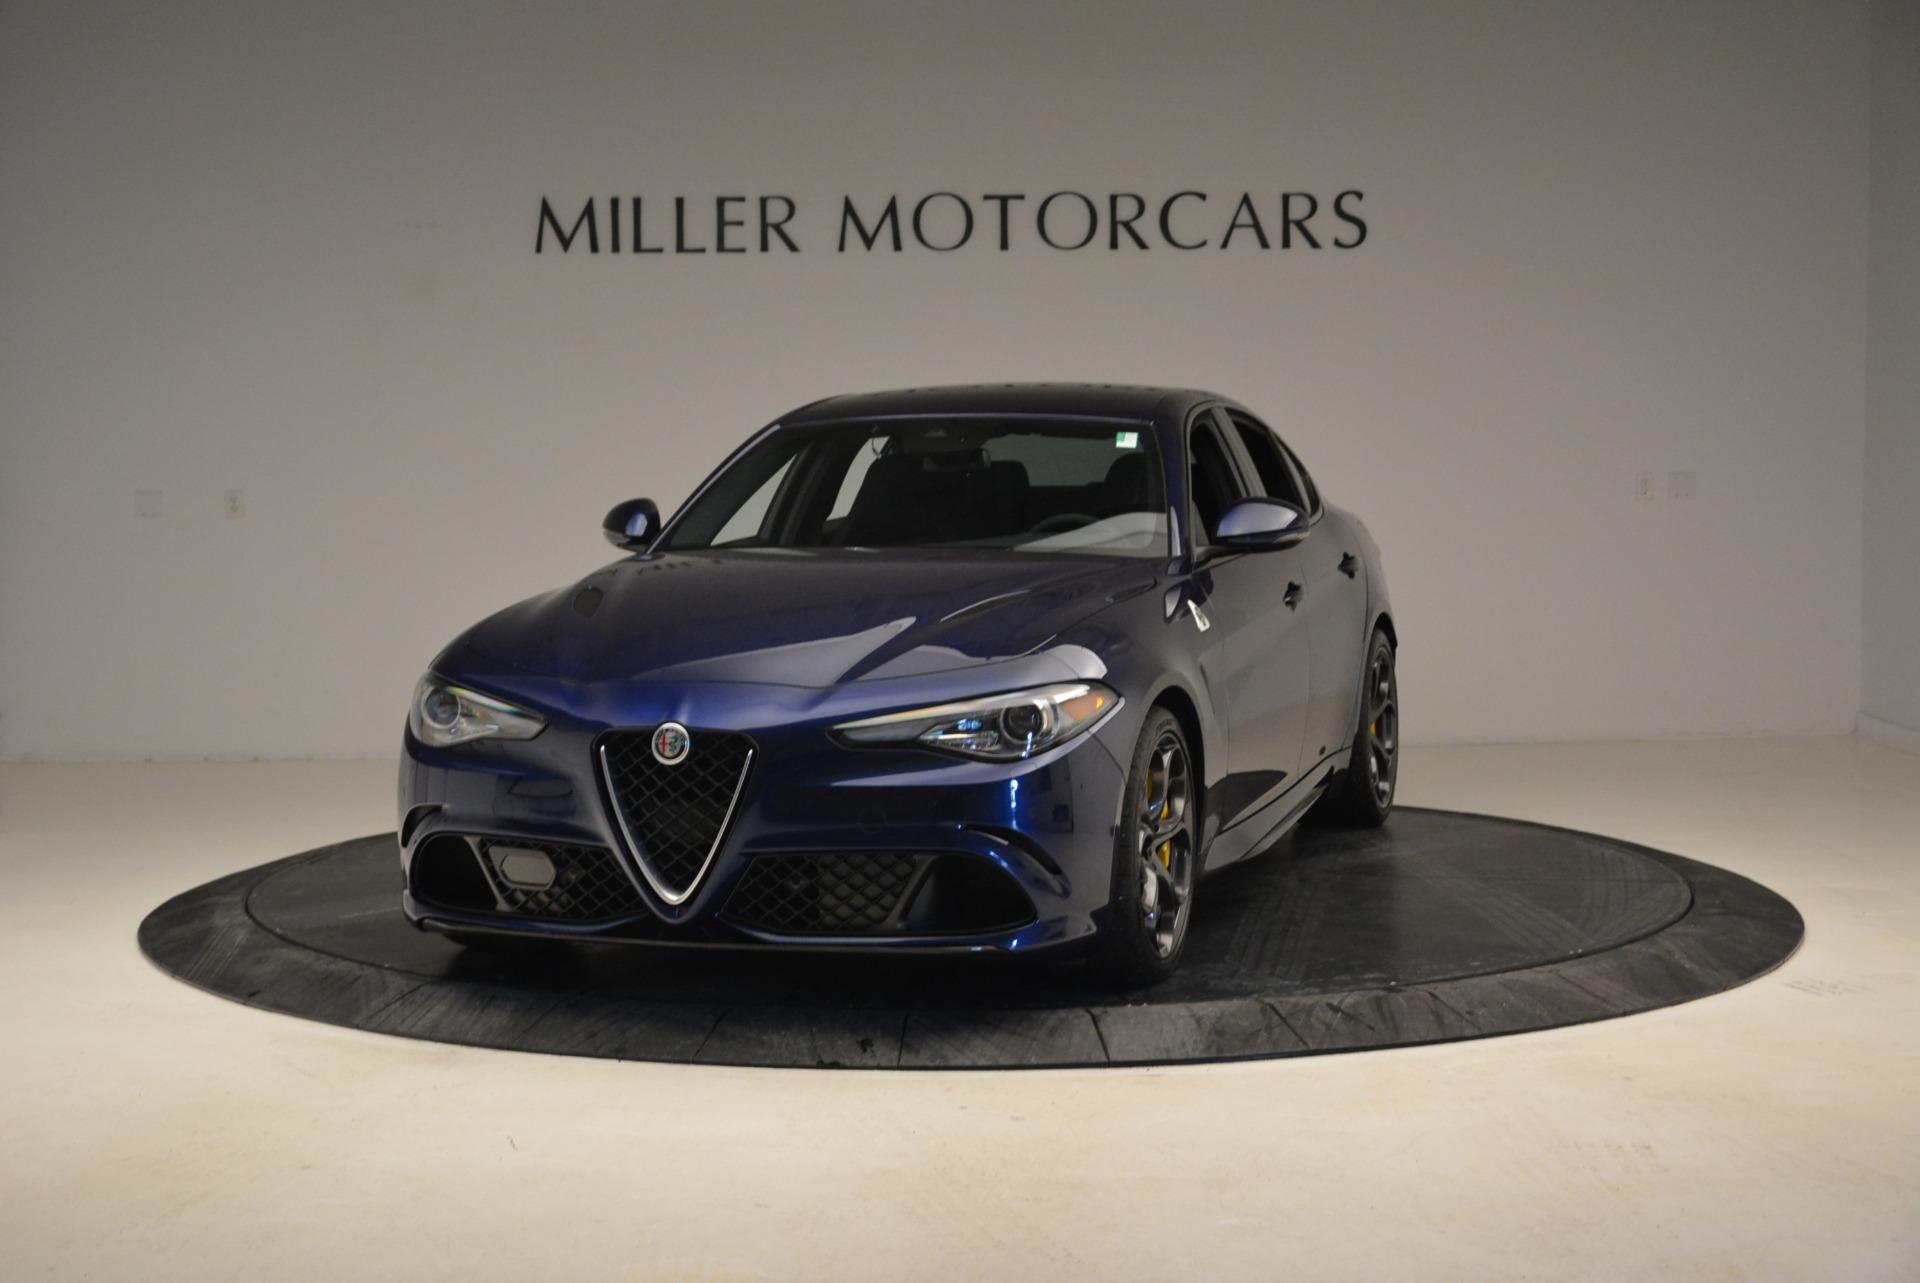 Used 2017 Alfa Romeo Giulia Quadrifoglio for sale Sold at Maserati of Westport in Westport CT 06880 1